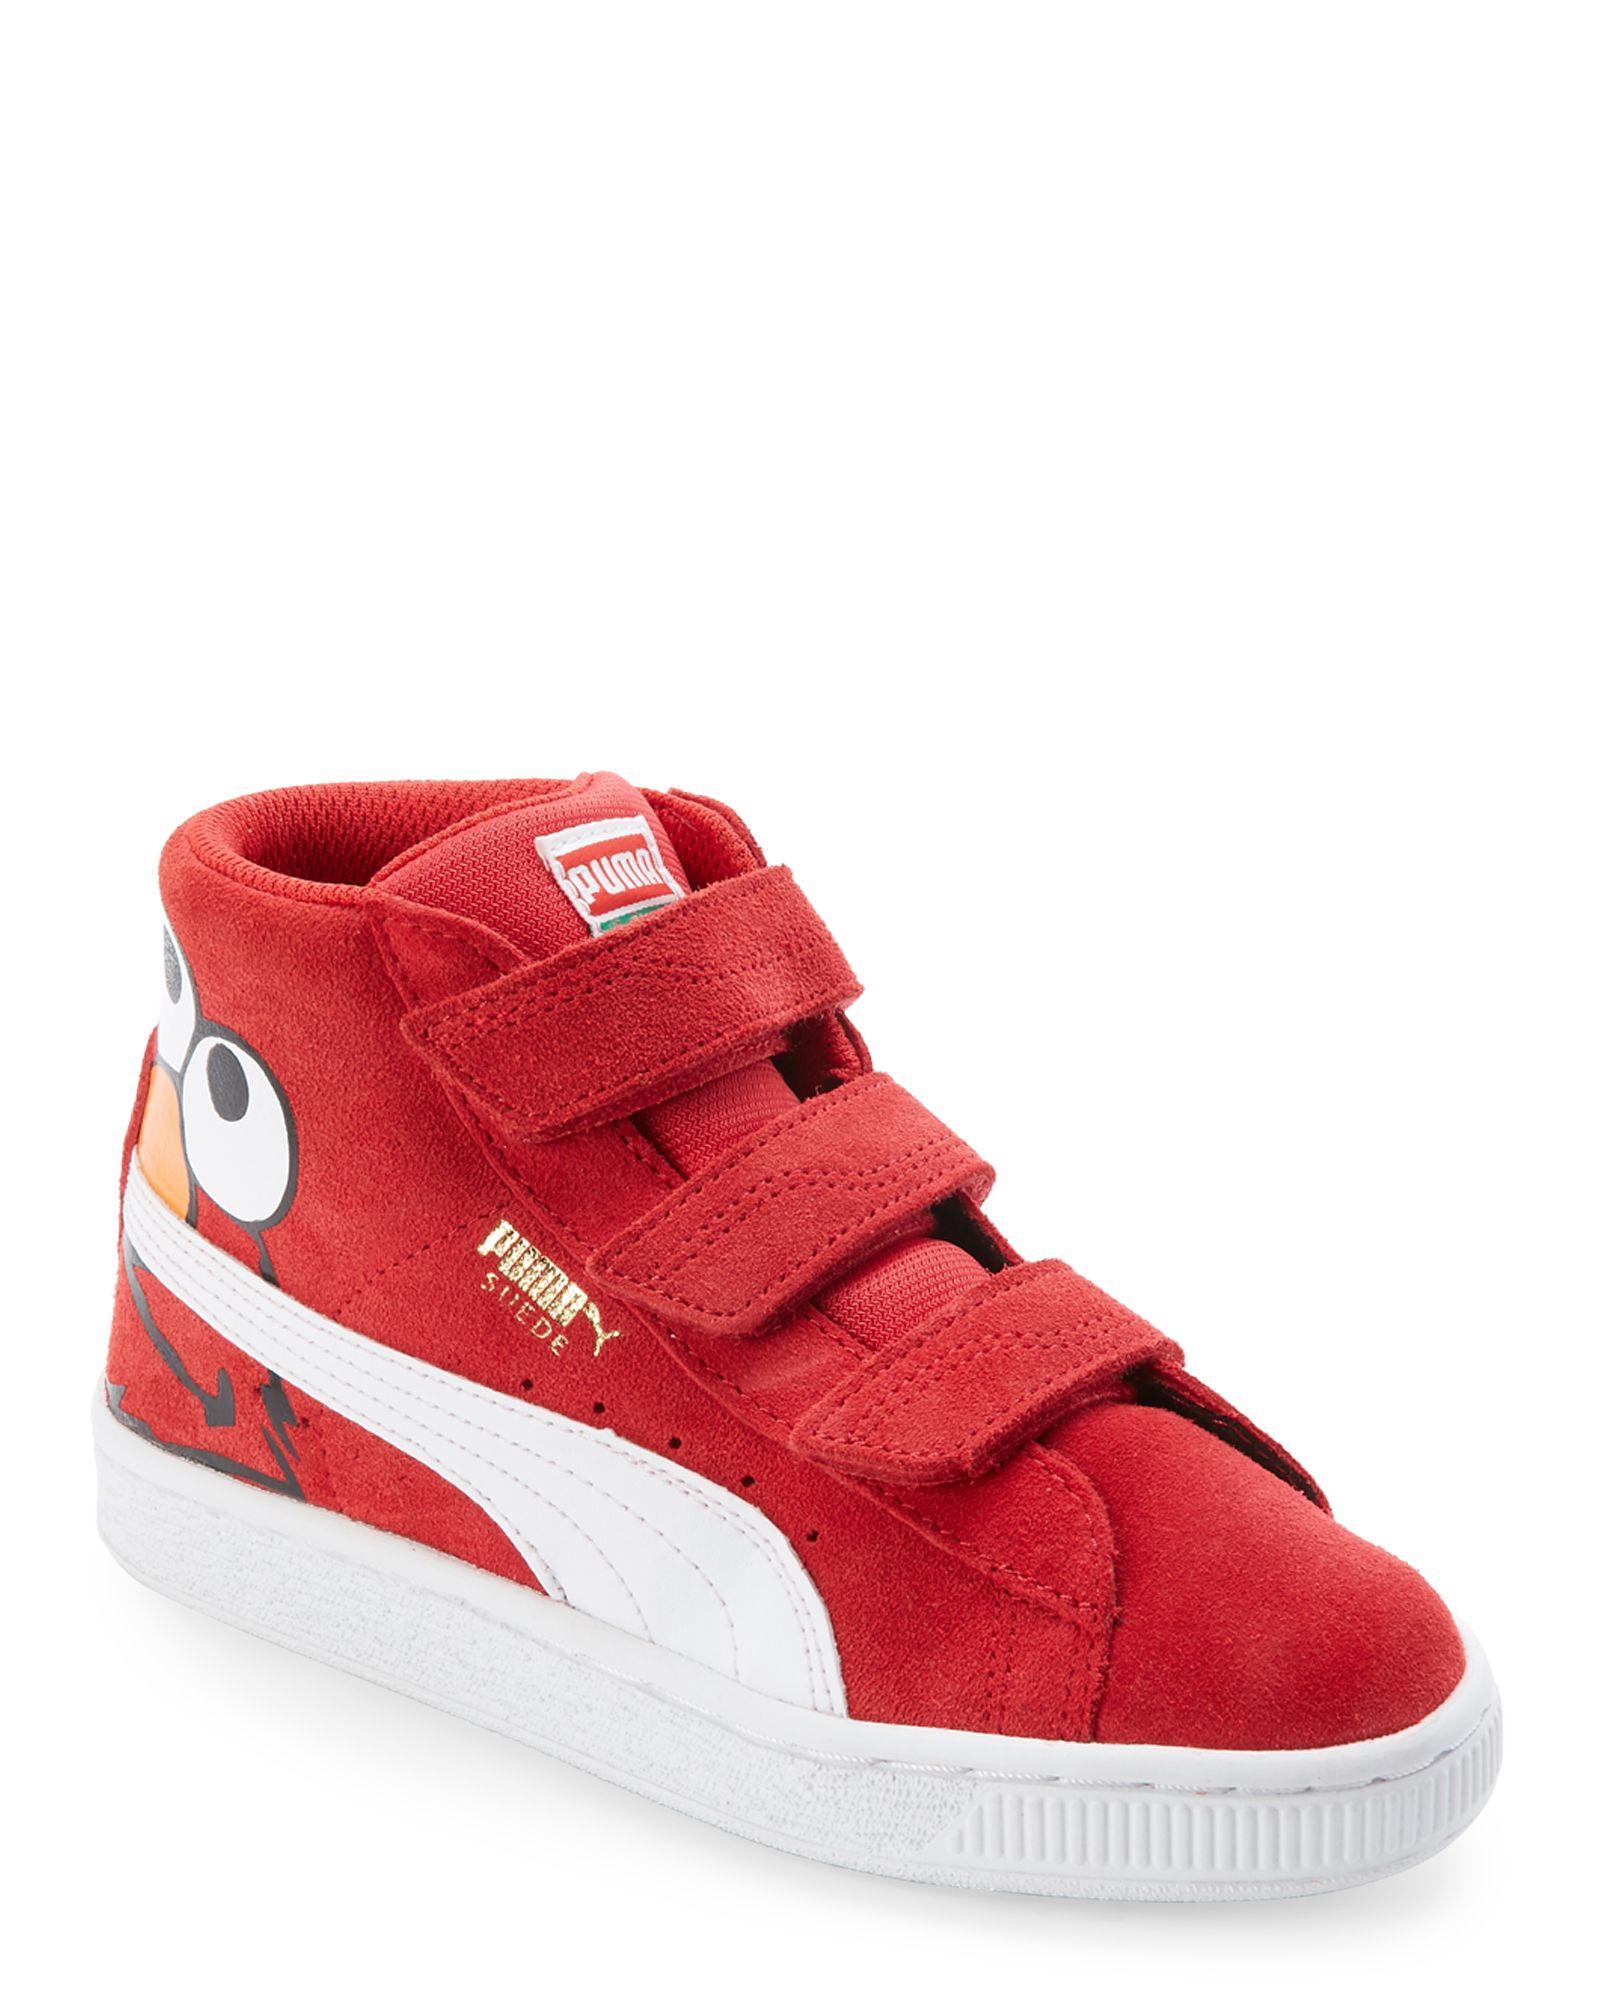 d45c46ee34ae Puma (Kids) Red Suede Sesame Street Elmo Mid Sneakers